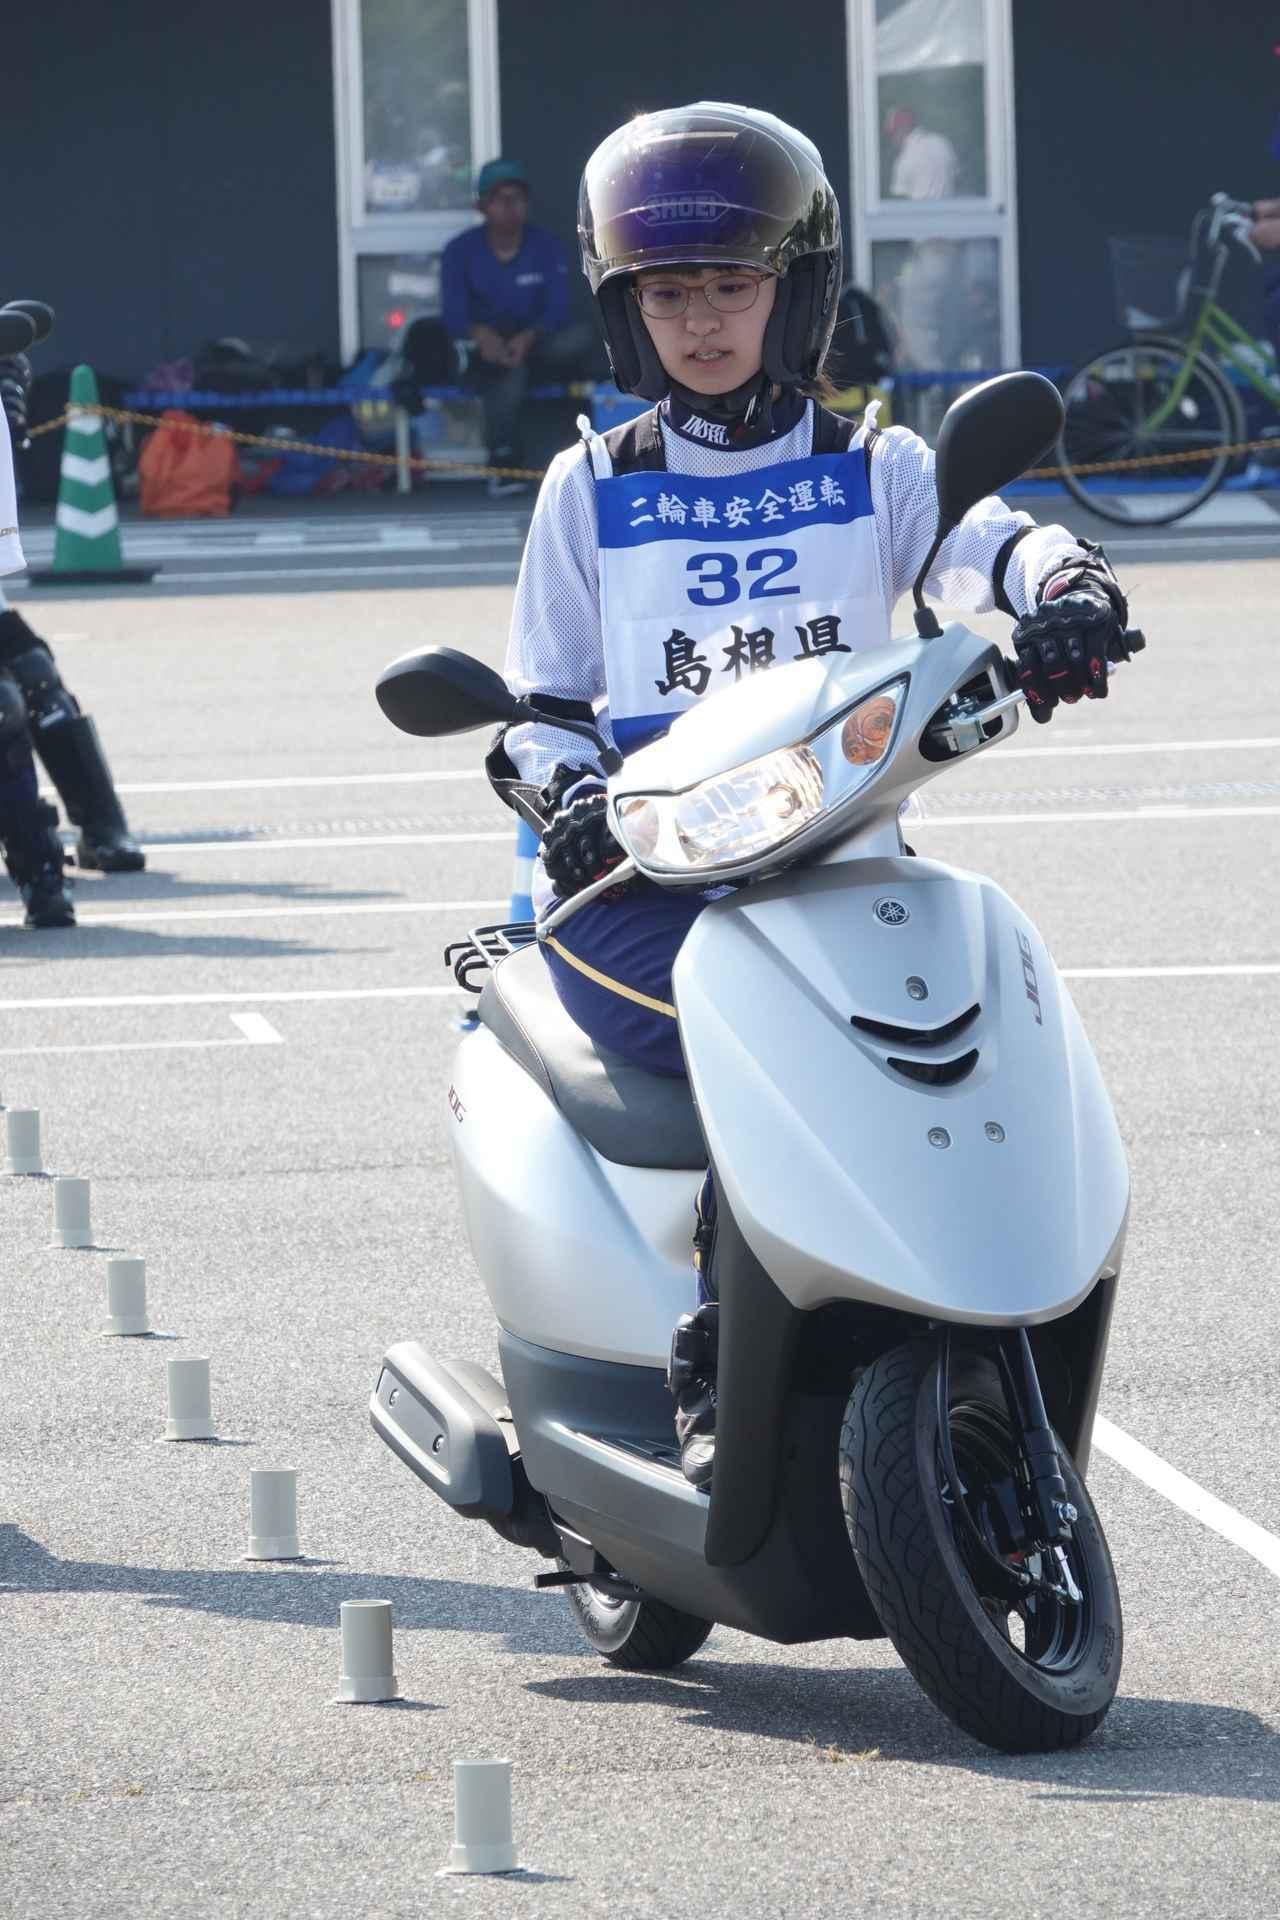 画像: 安全運転の全国大会があるって知ってる? 「二輪車安全運転全国大会2019」が鈴鹿サーキットで開催されました! - webオートバイ